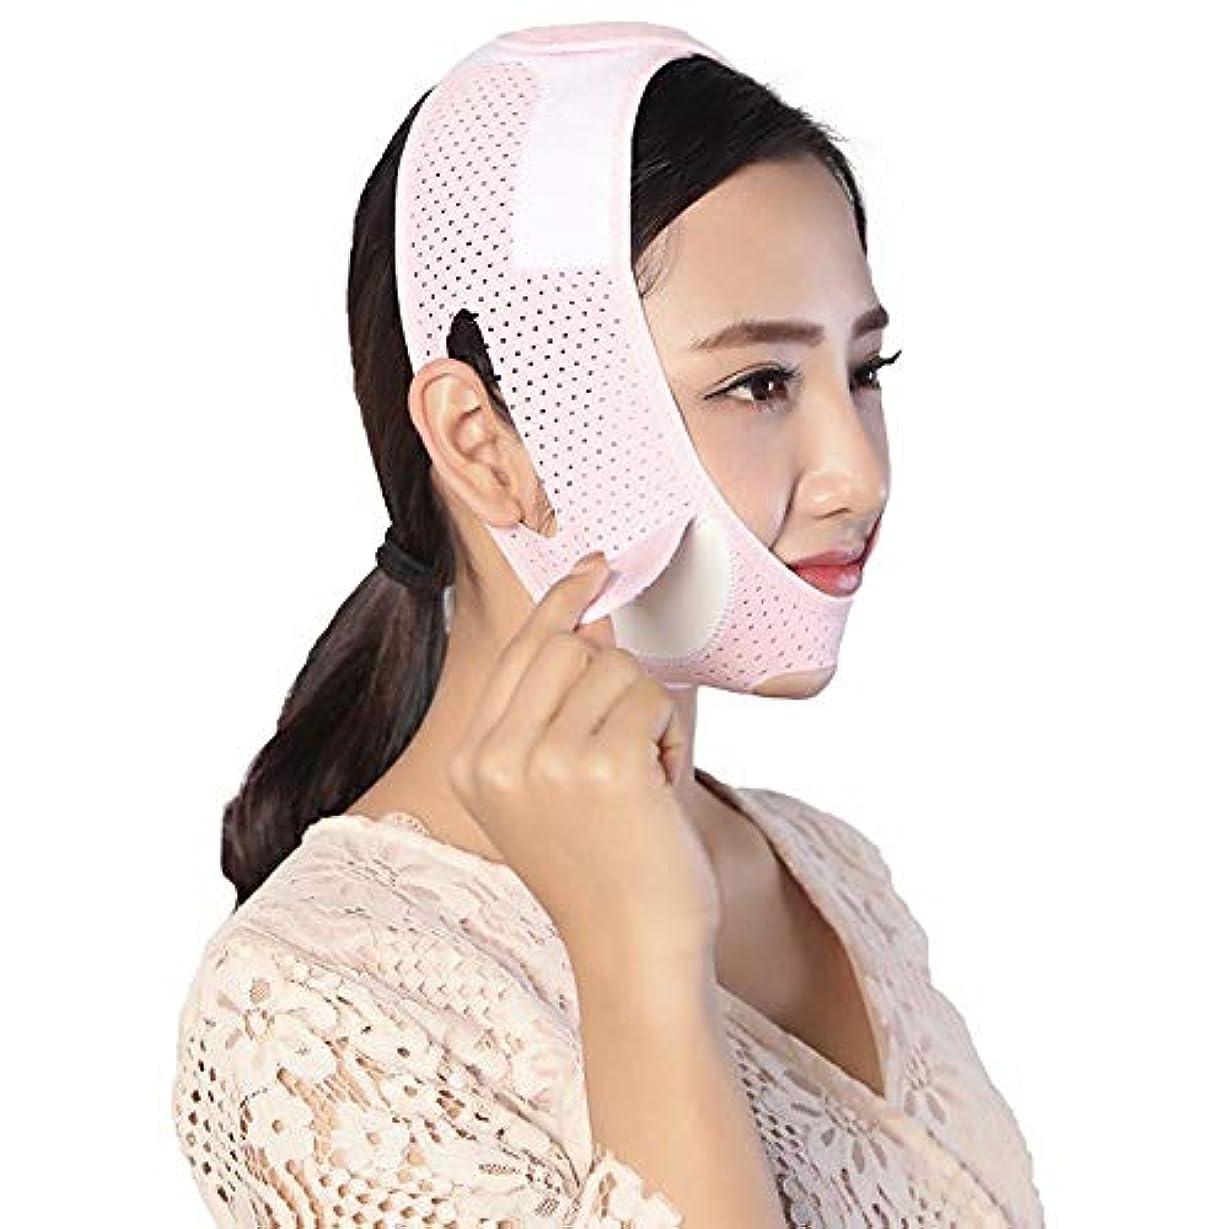 事業内容ファックスアニメーション飛強強 フェイシャルリフティング痩身ベルト - 圧縮二重あご減量ベルトスキンケア薄い顔包帯 スリムフィット美容ツール